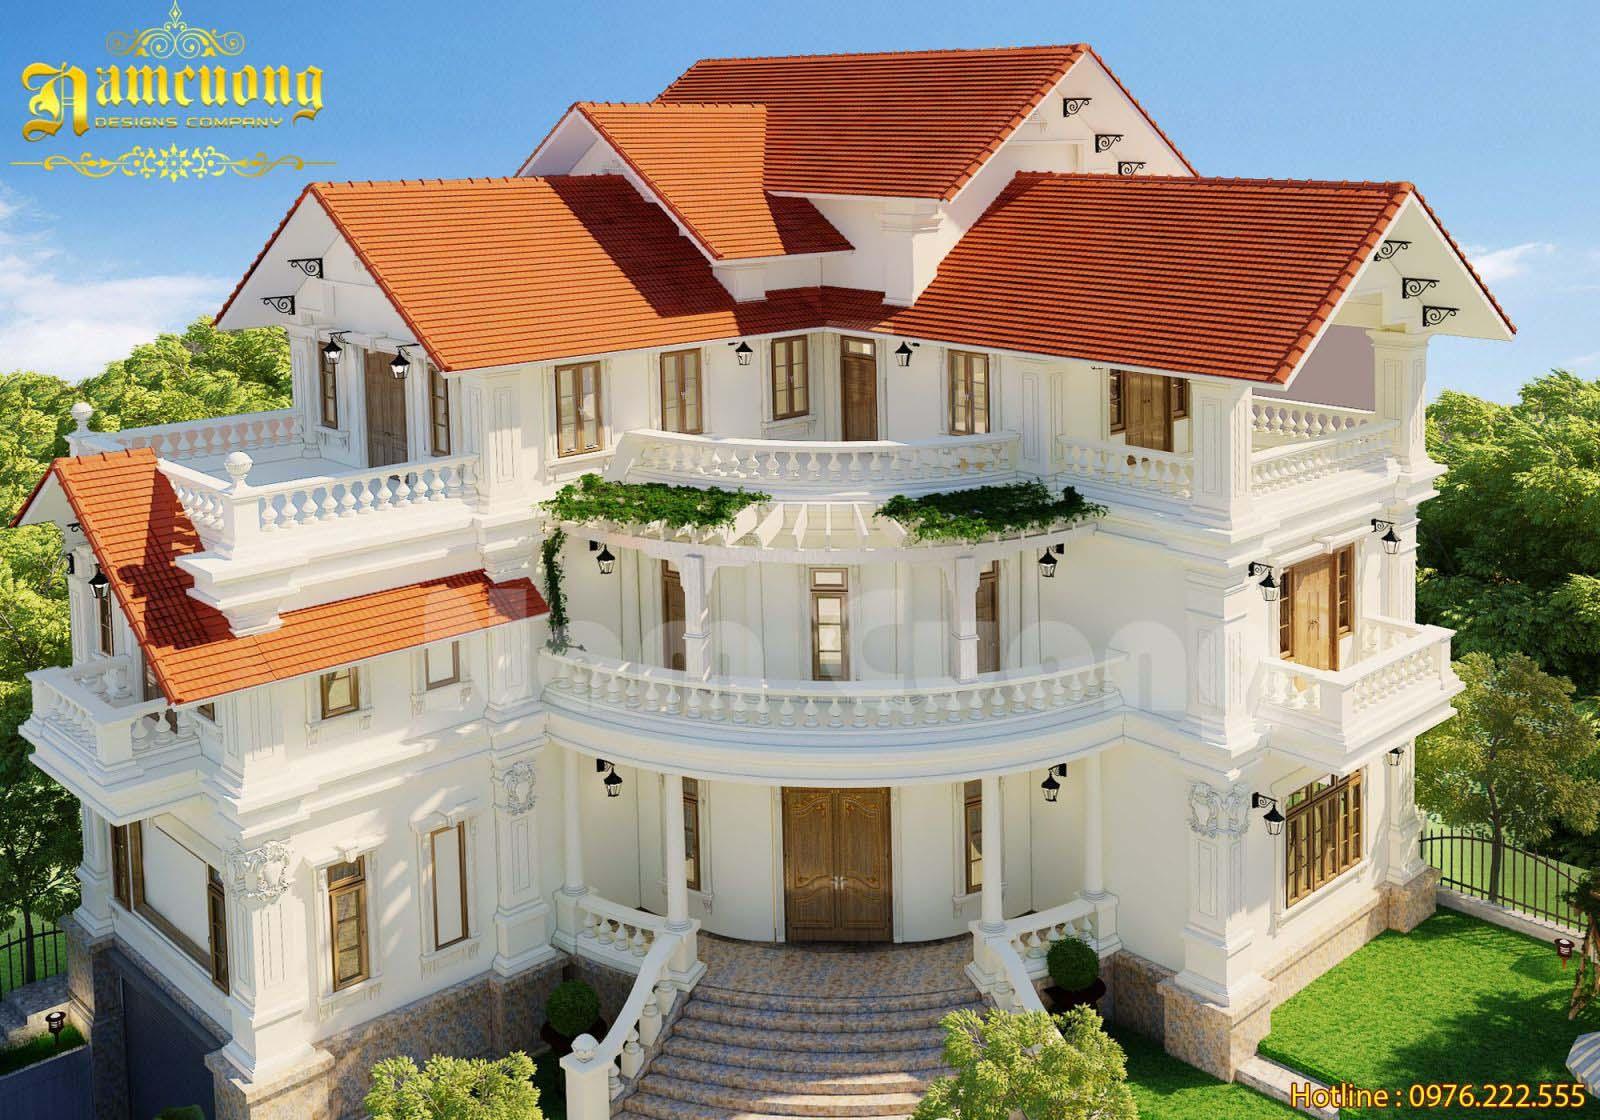 Bí quyết lựa chọn màu sơn nhà đẹp cho những ai sắp xây nhà